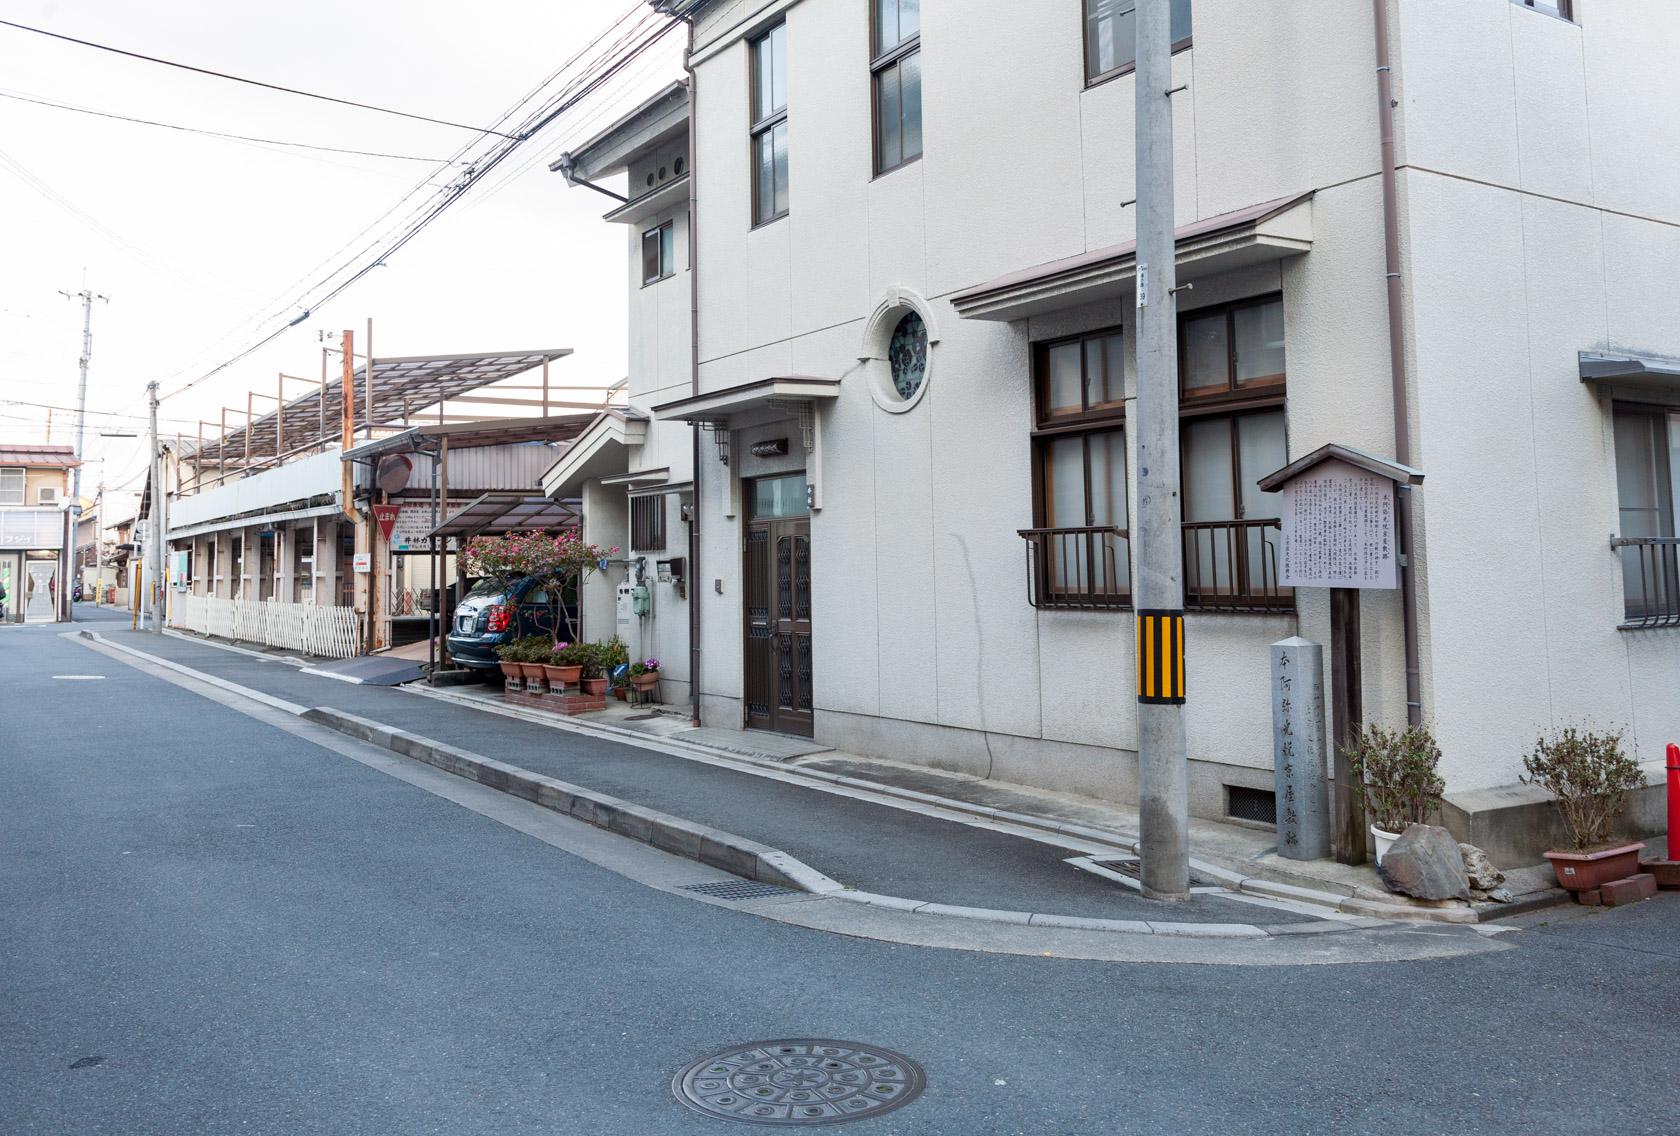 本阿弥光悦京屋敷跡: 徘徊の記憶